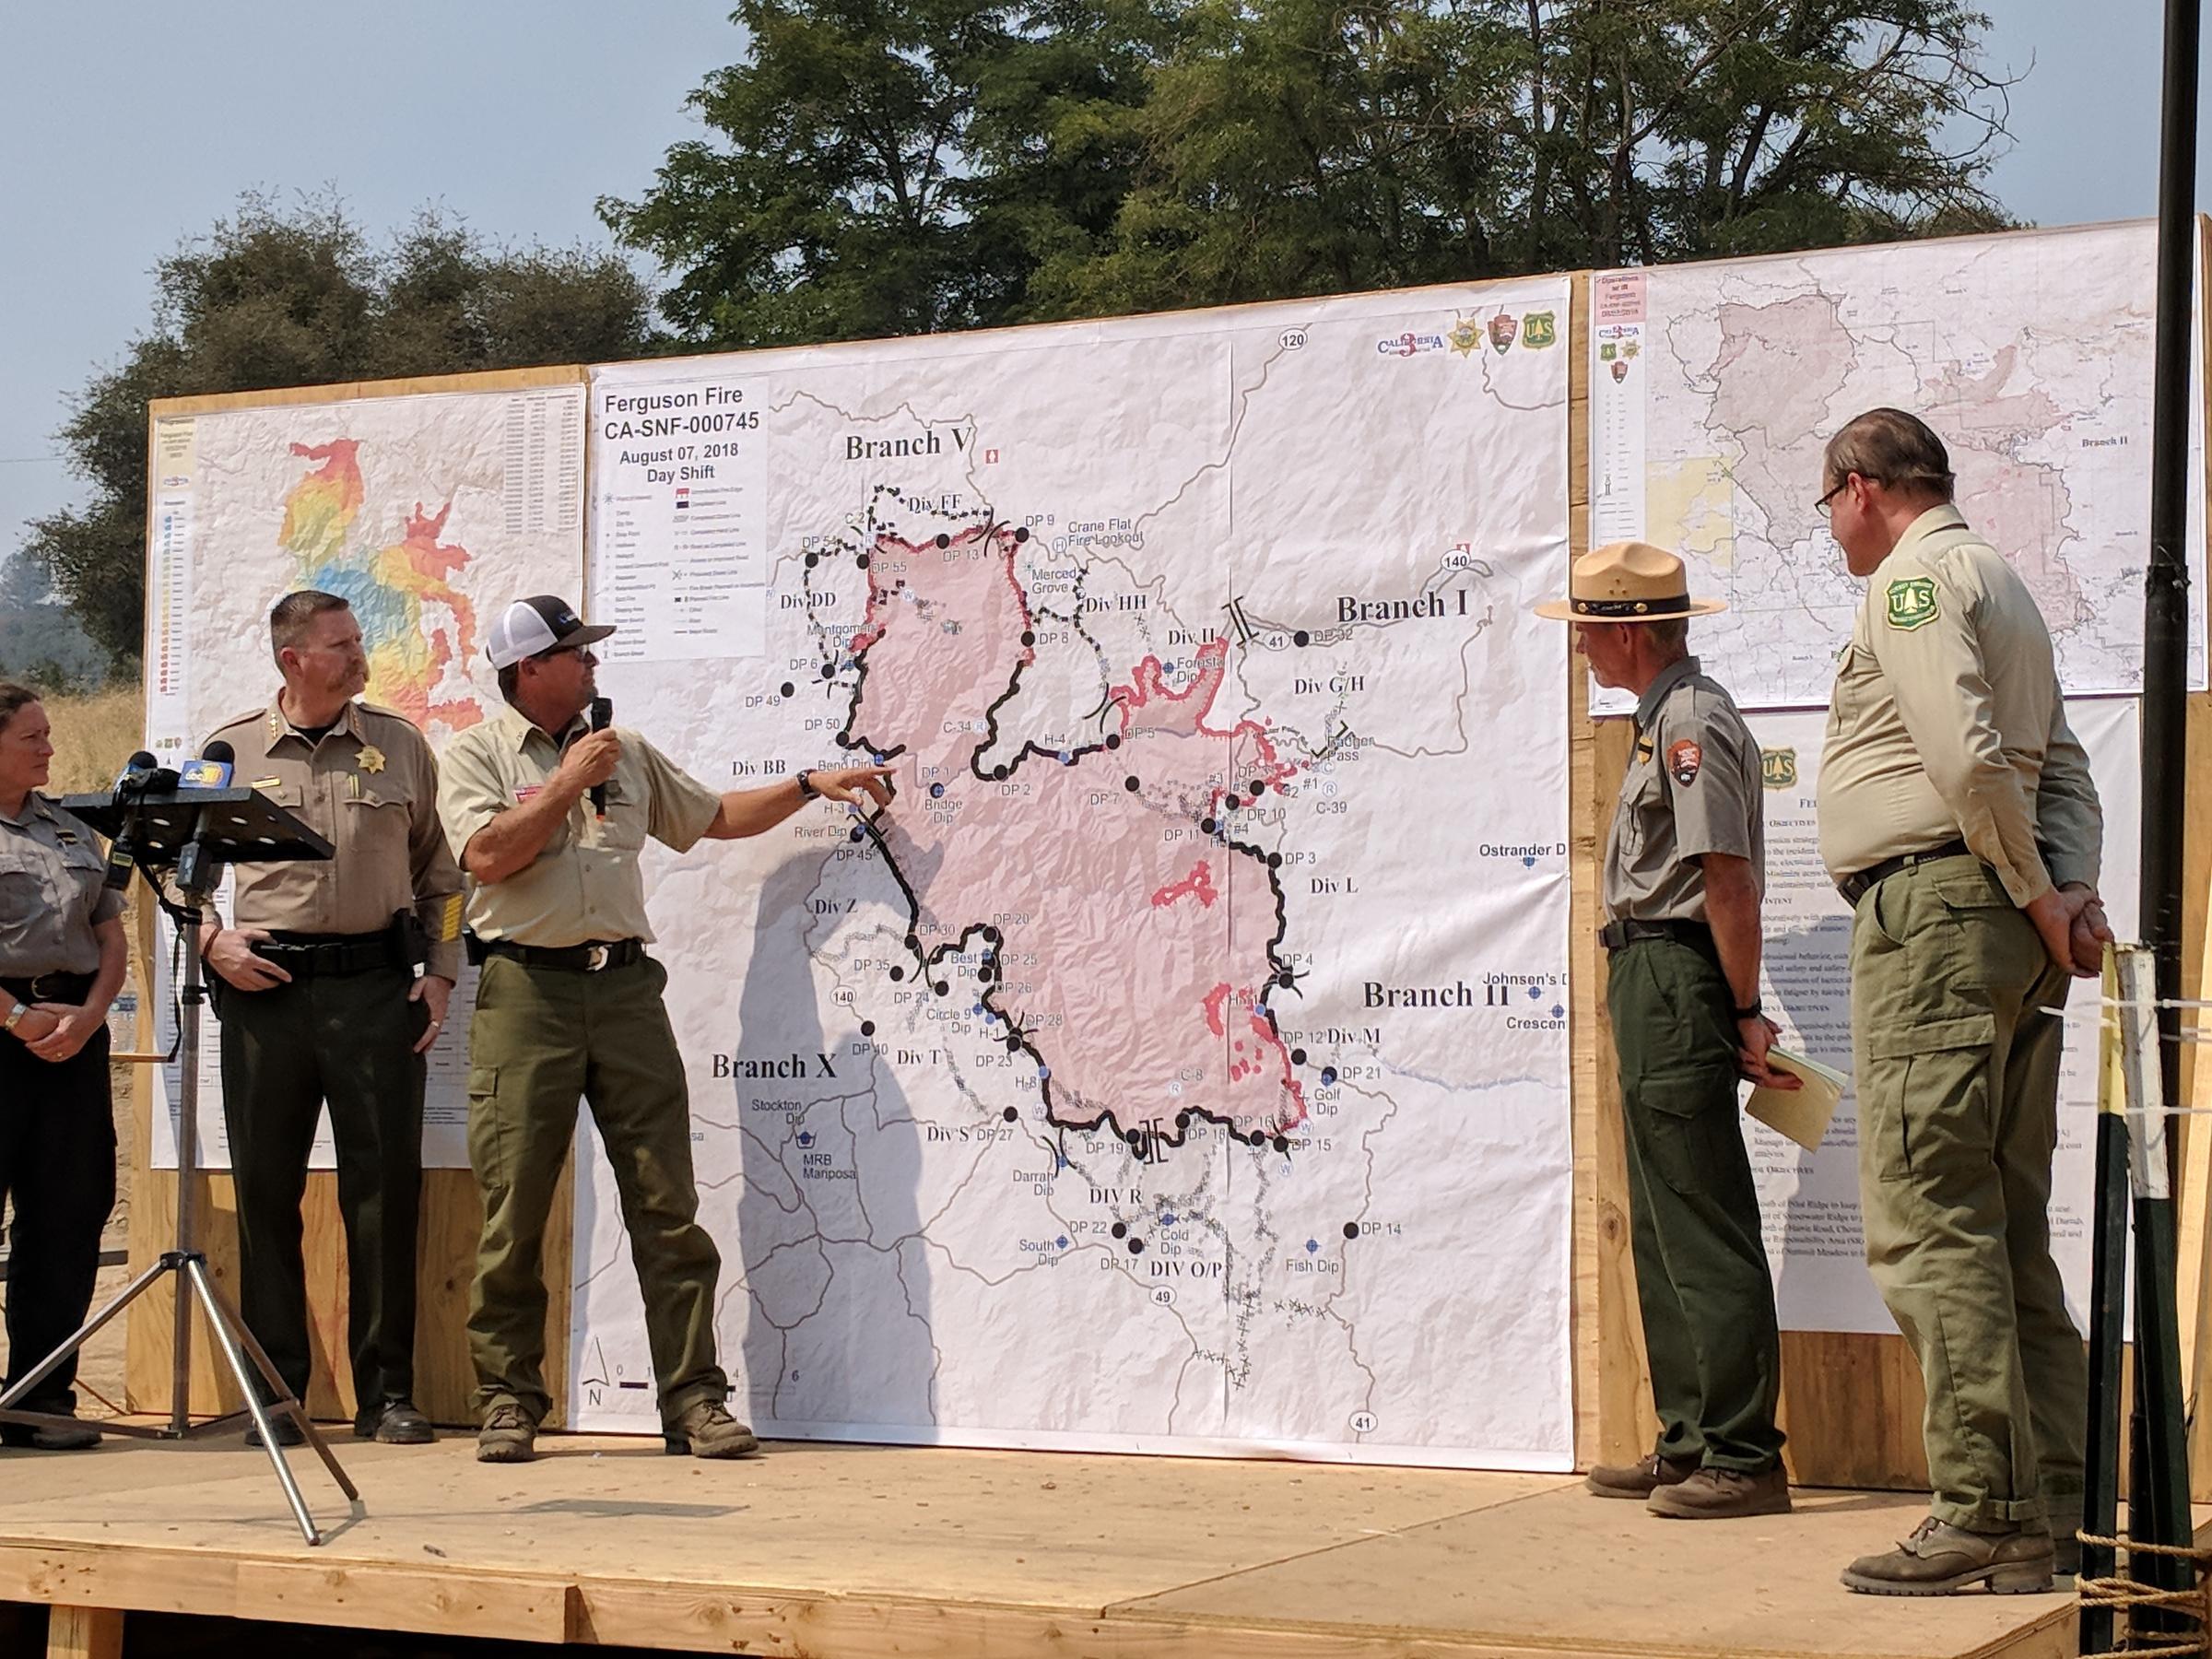 Ferguson Fire California Map.As Firefighters Gain On Ferguson Fire Yosemite Valley Still Under